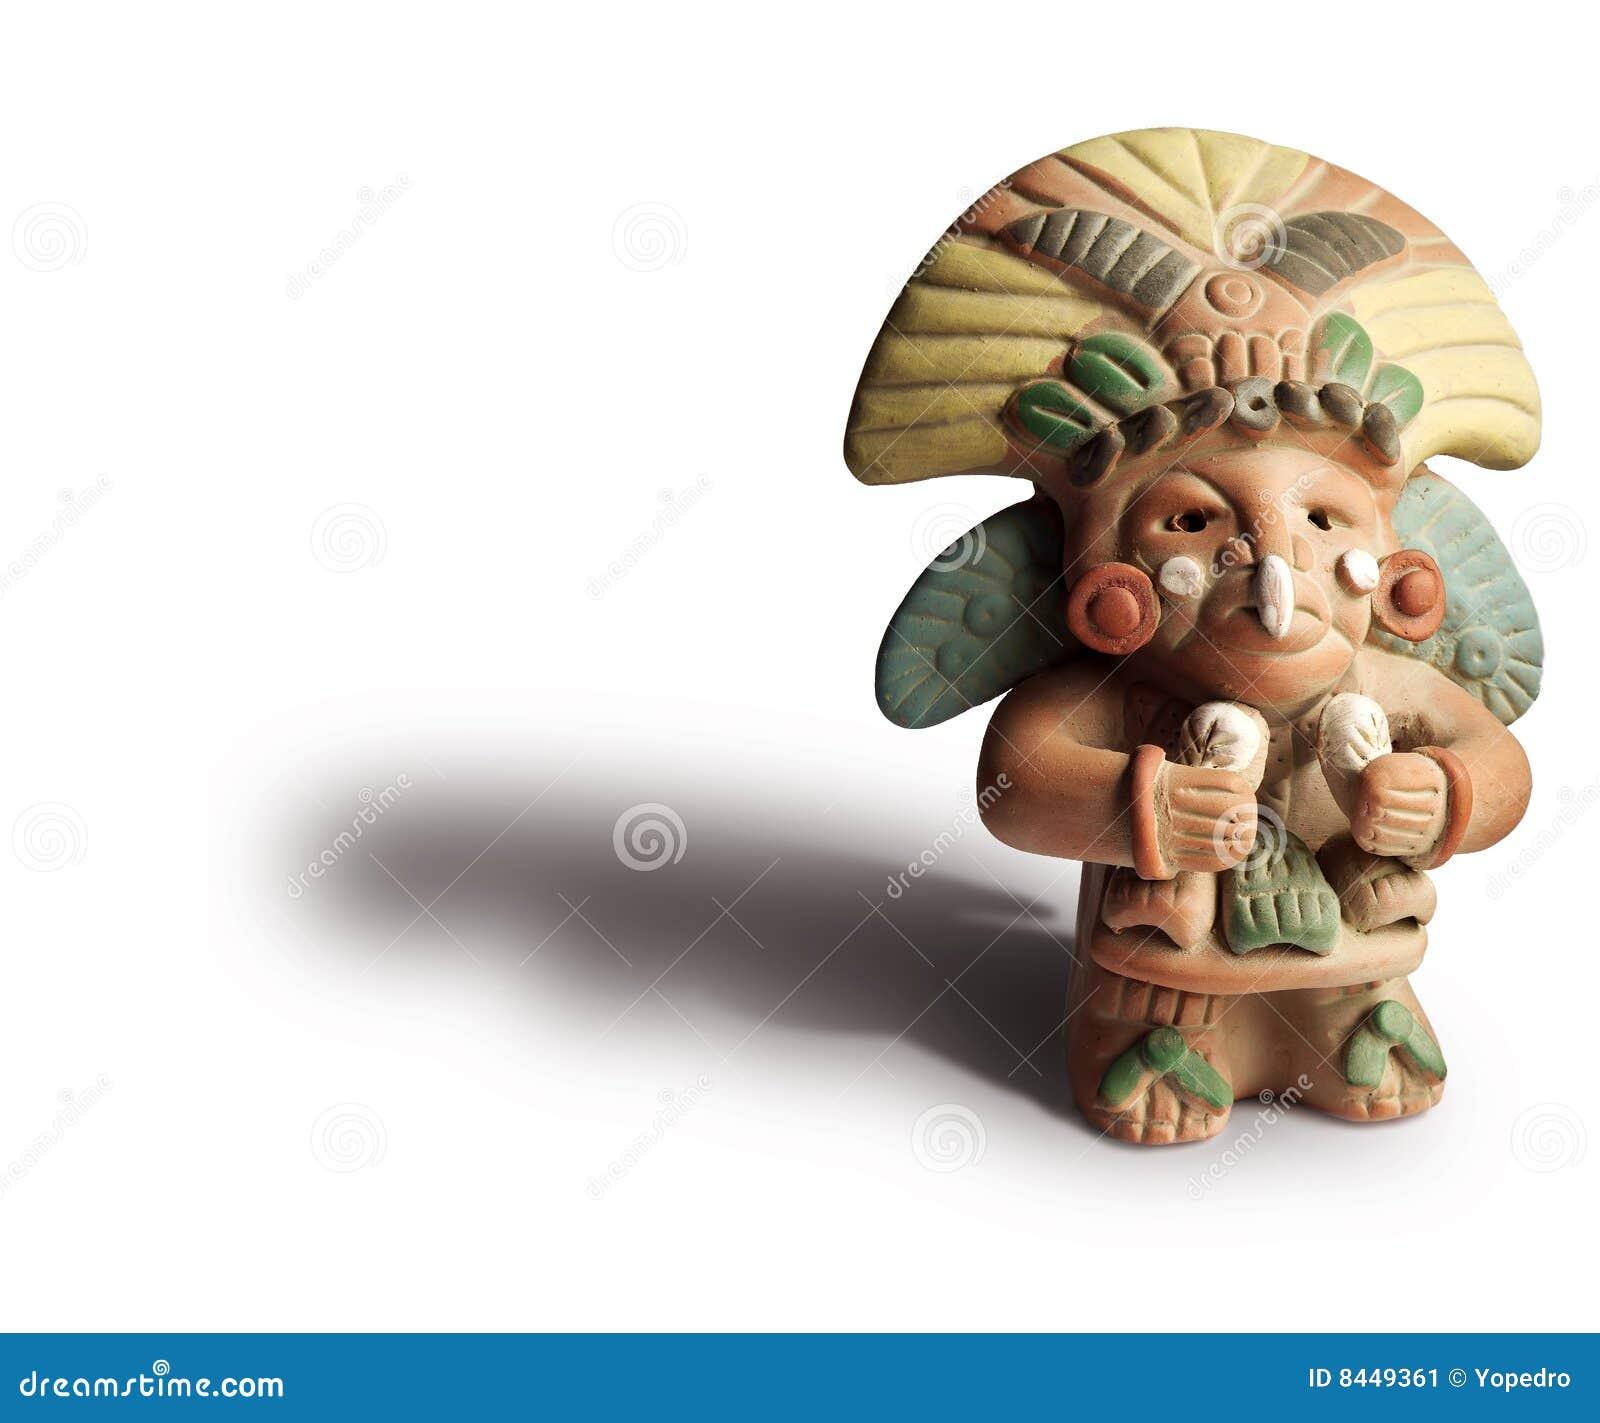 Aztec figuerine